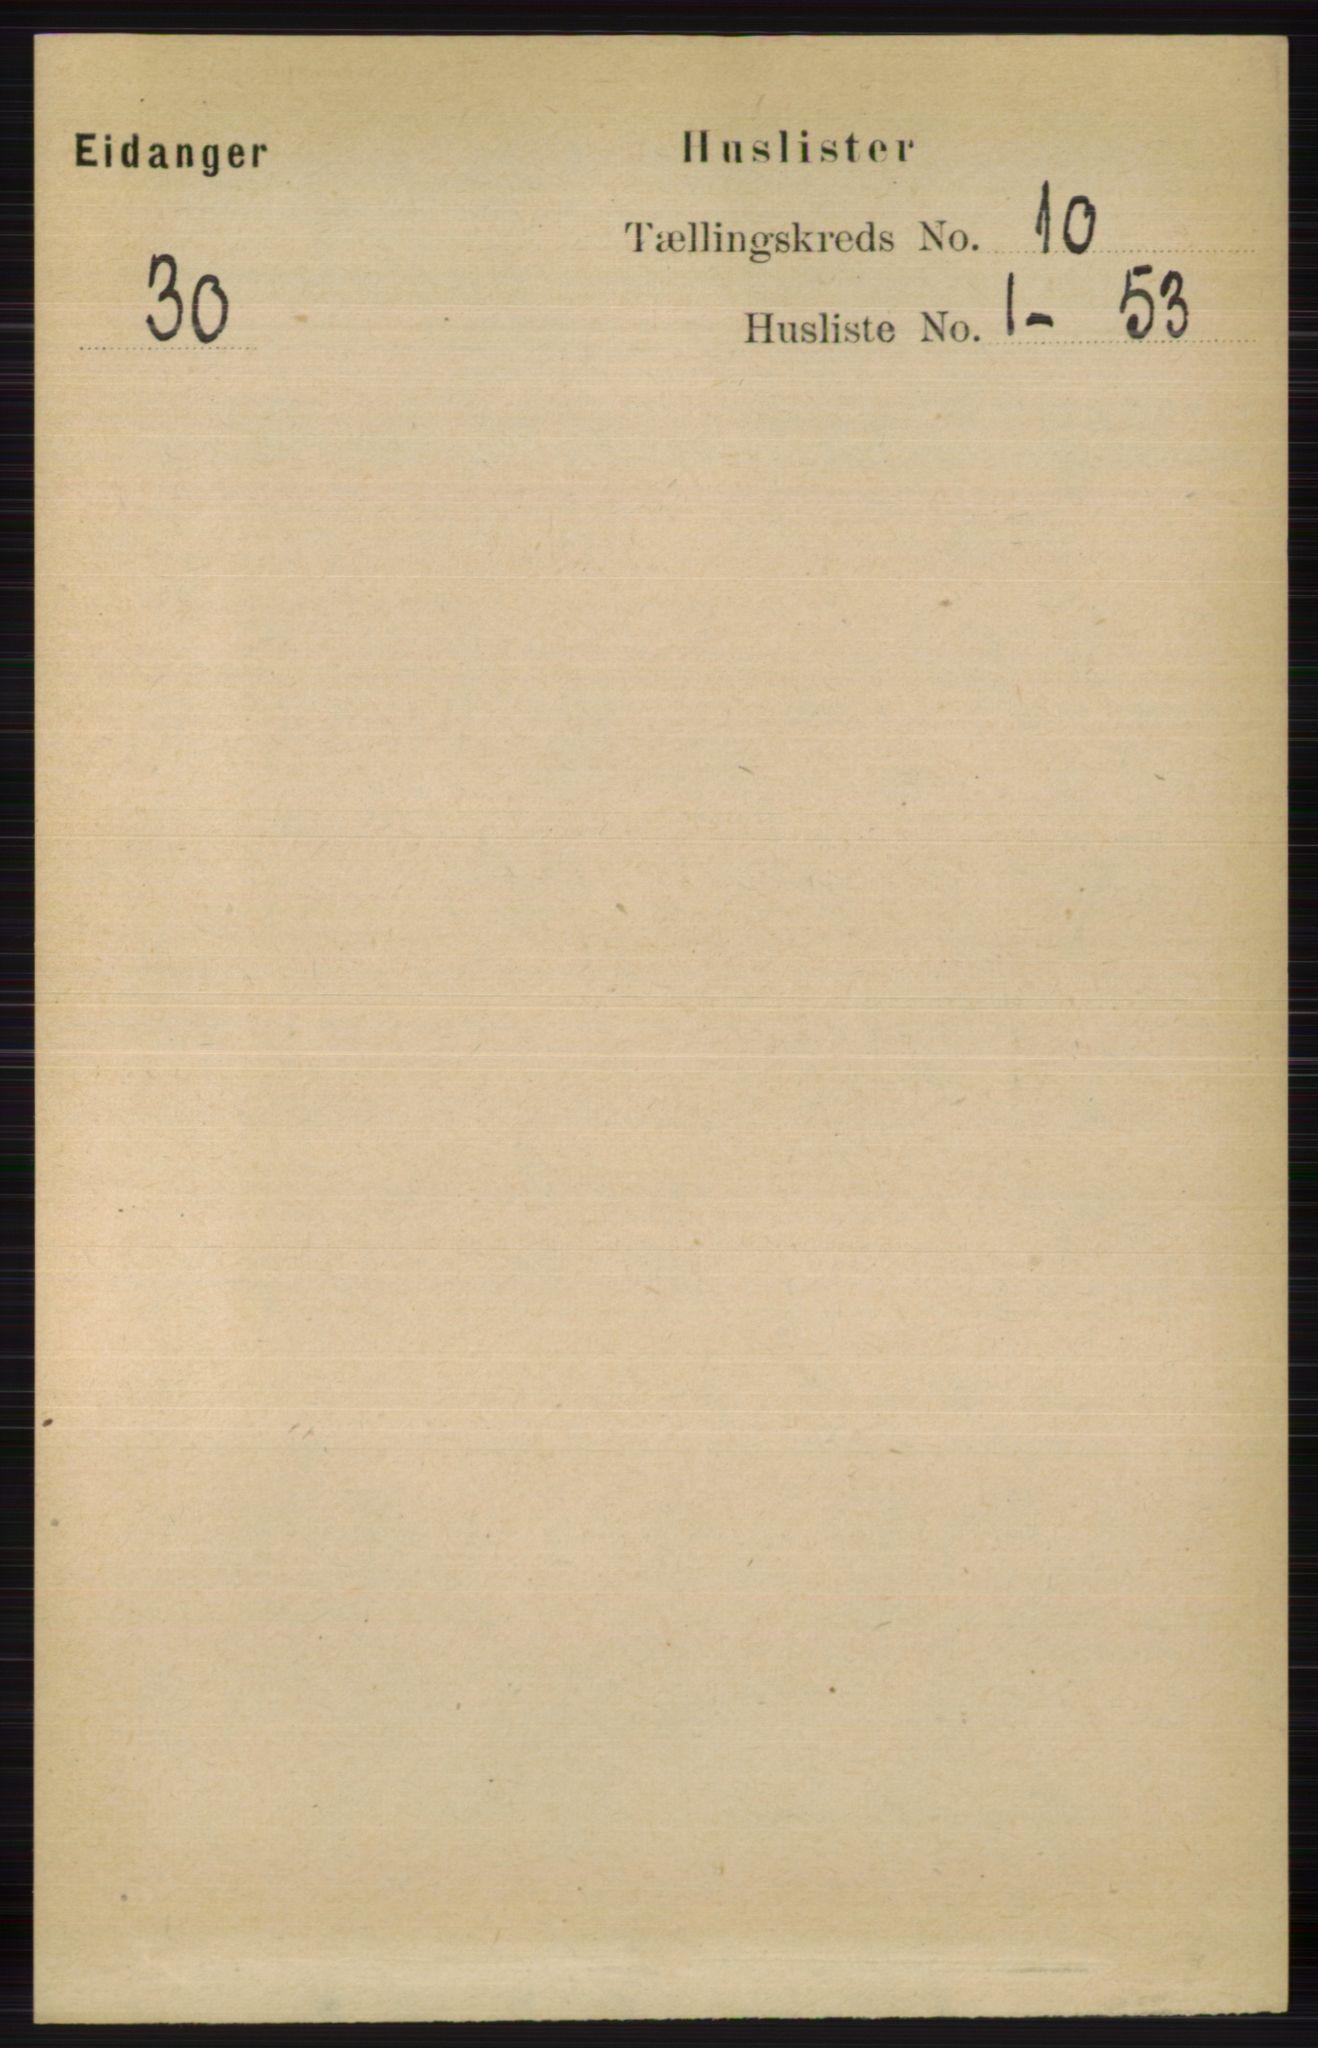 RA, Folketelling 1891 for 0813 Eidanger herred, 1891, s. 3879